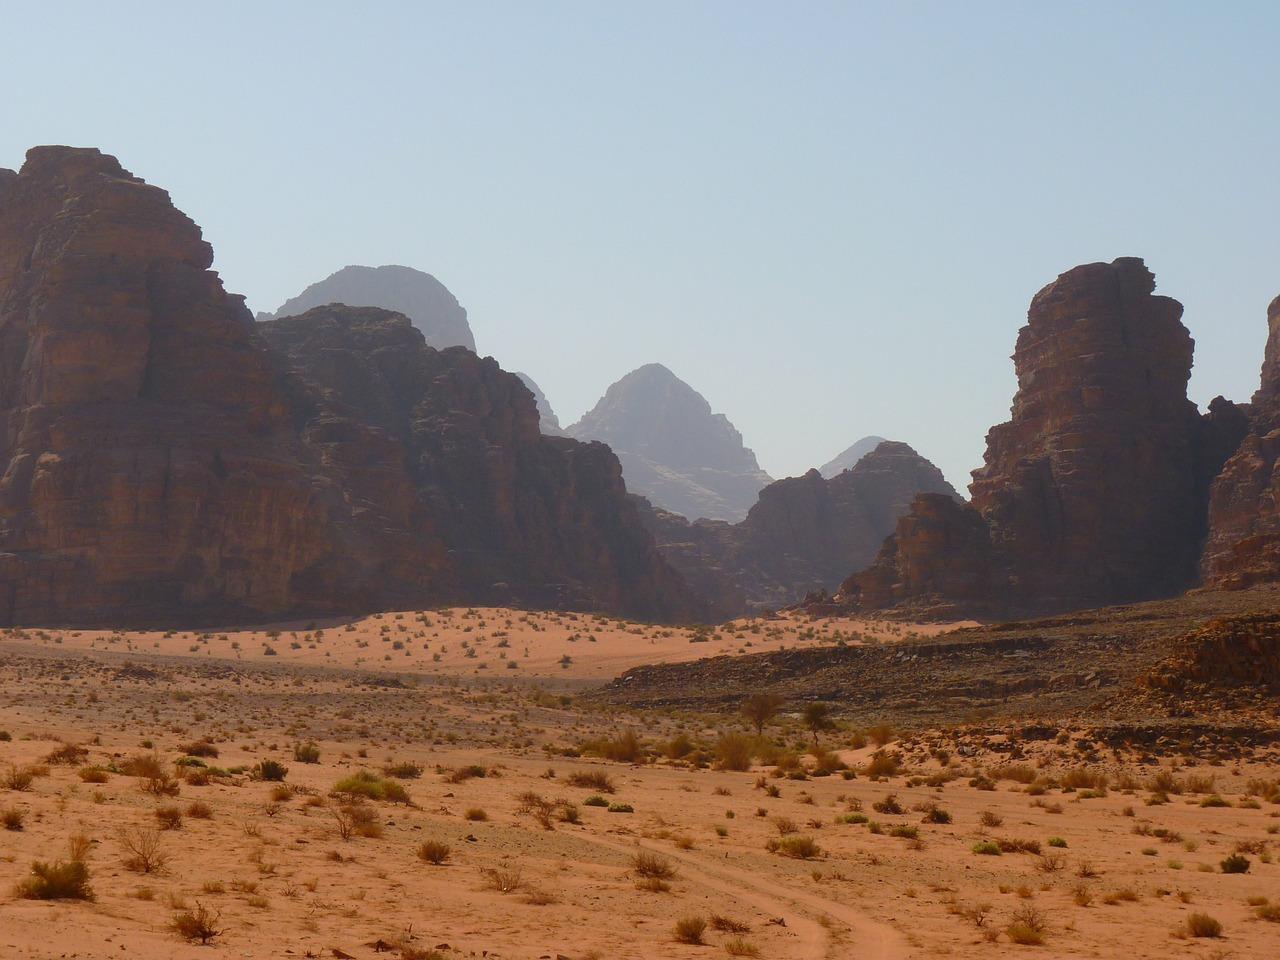 The desert in Jordan is spectacular